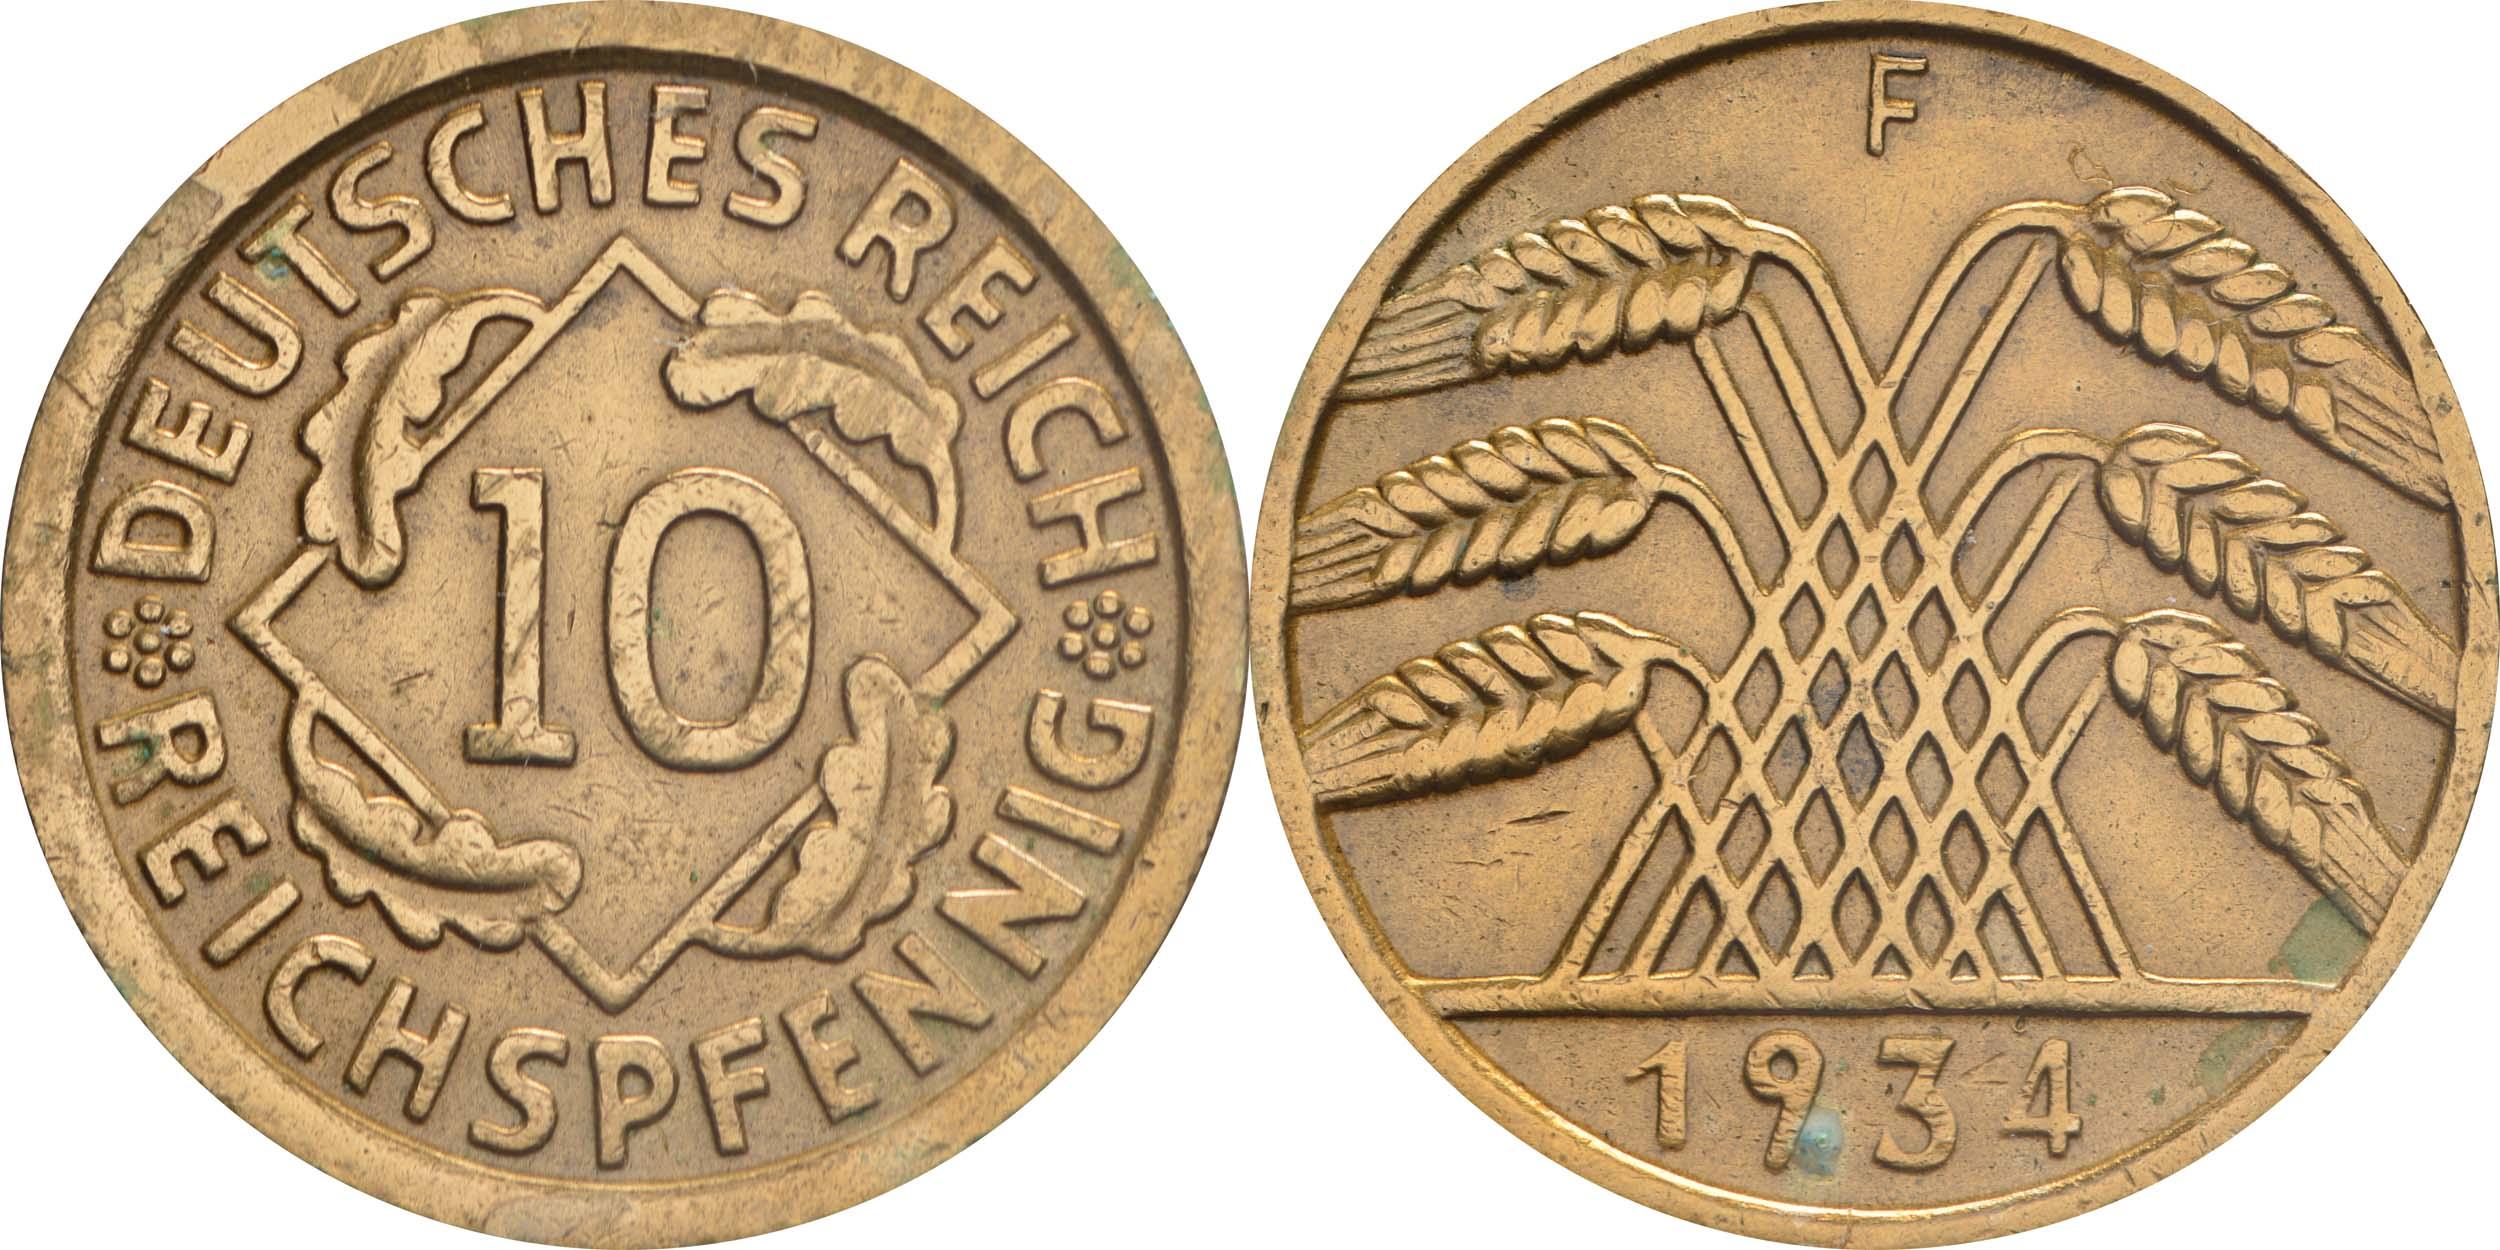 Lieferumfang:Deutschland : 10 Reichspfennig Kursmünze zaponiert 1934 ss.